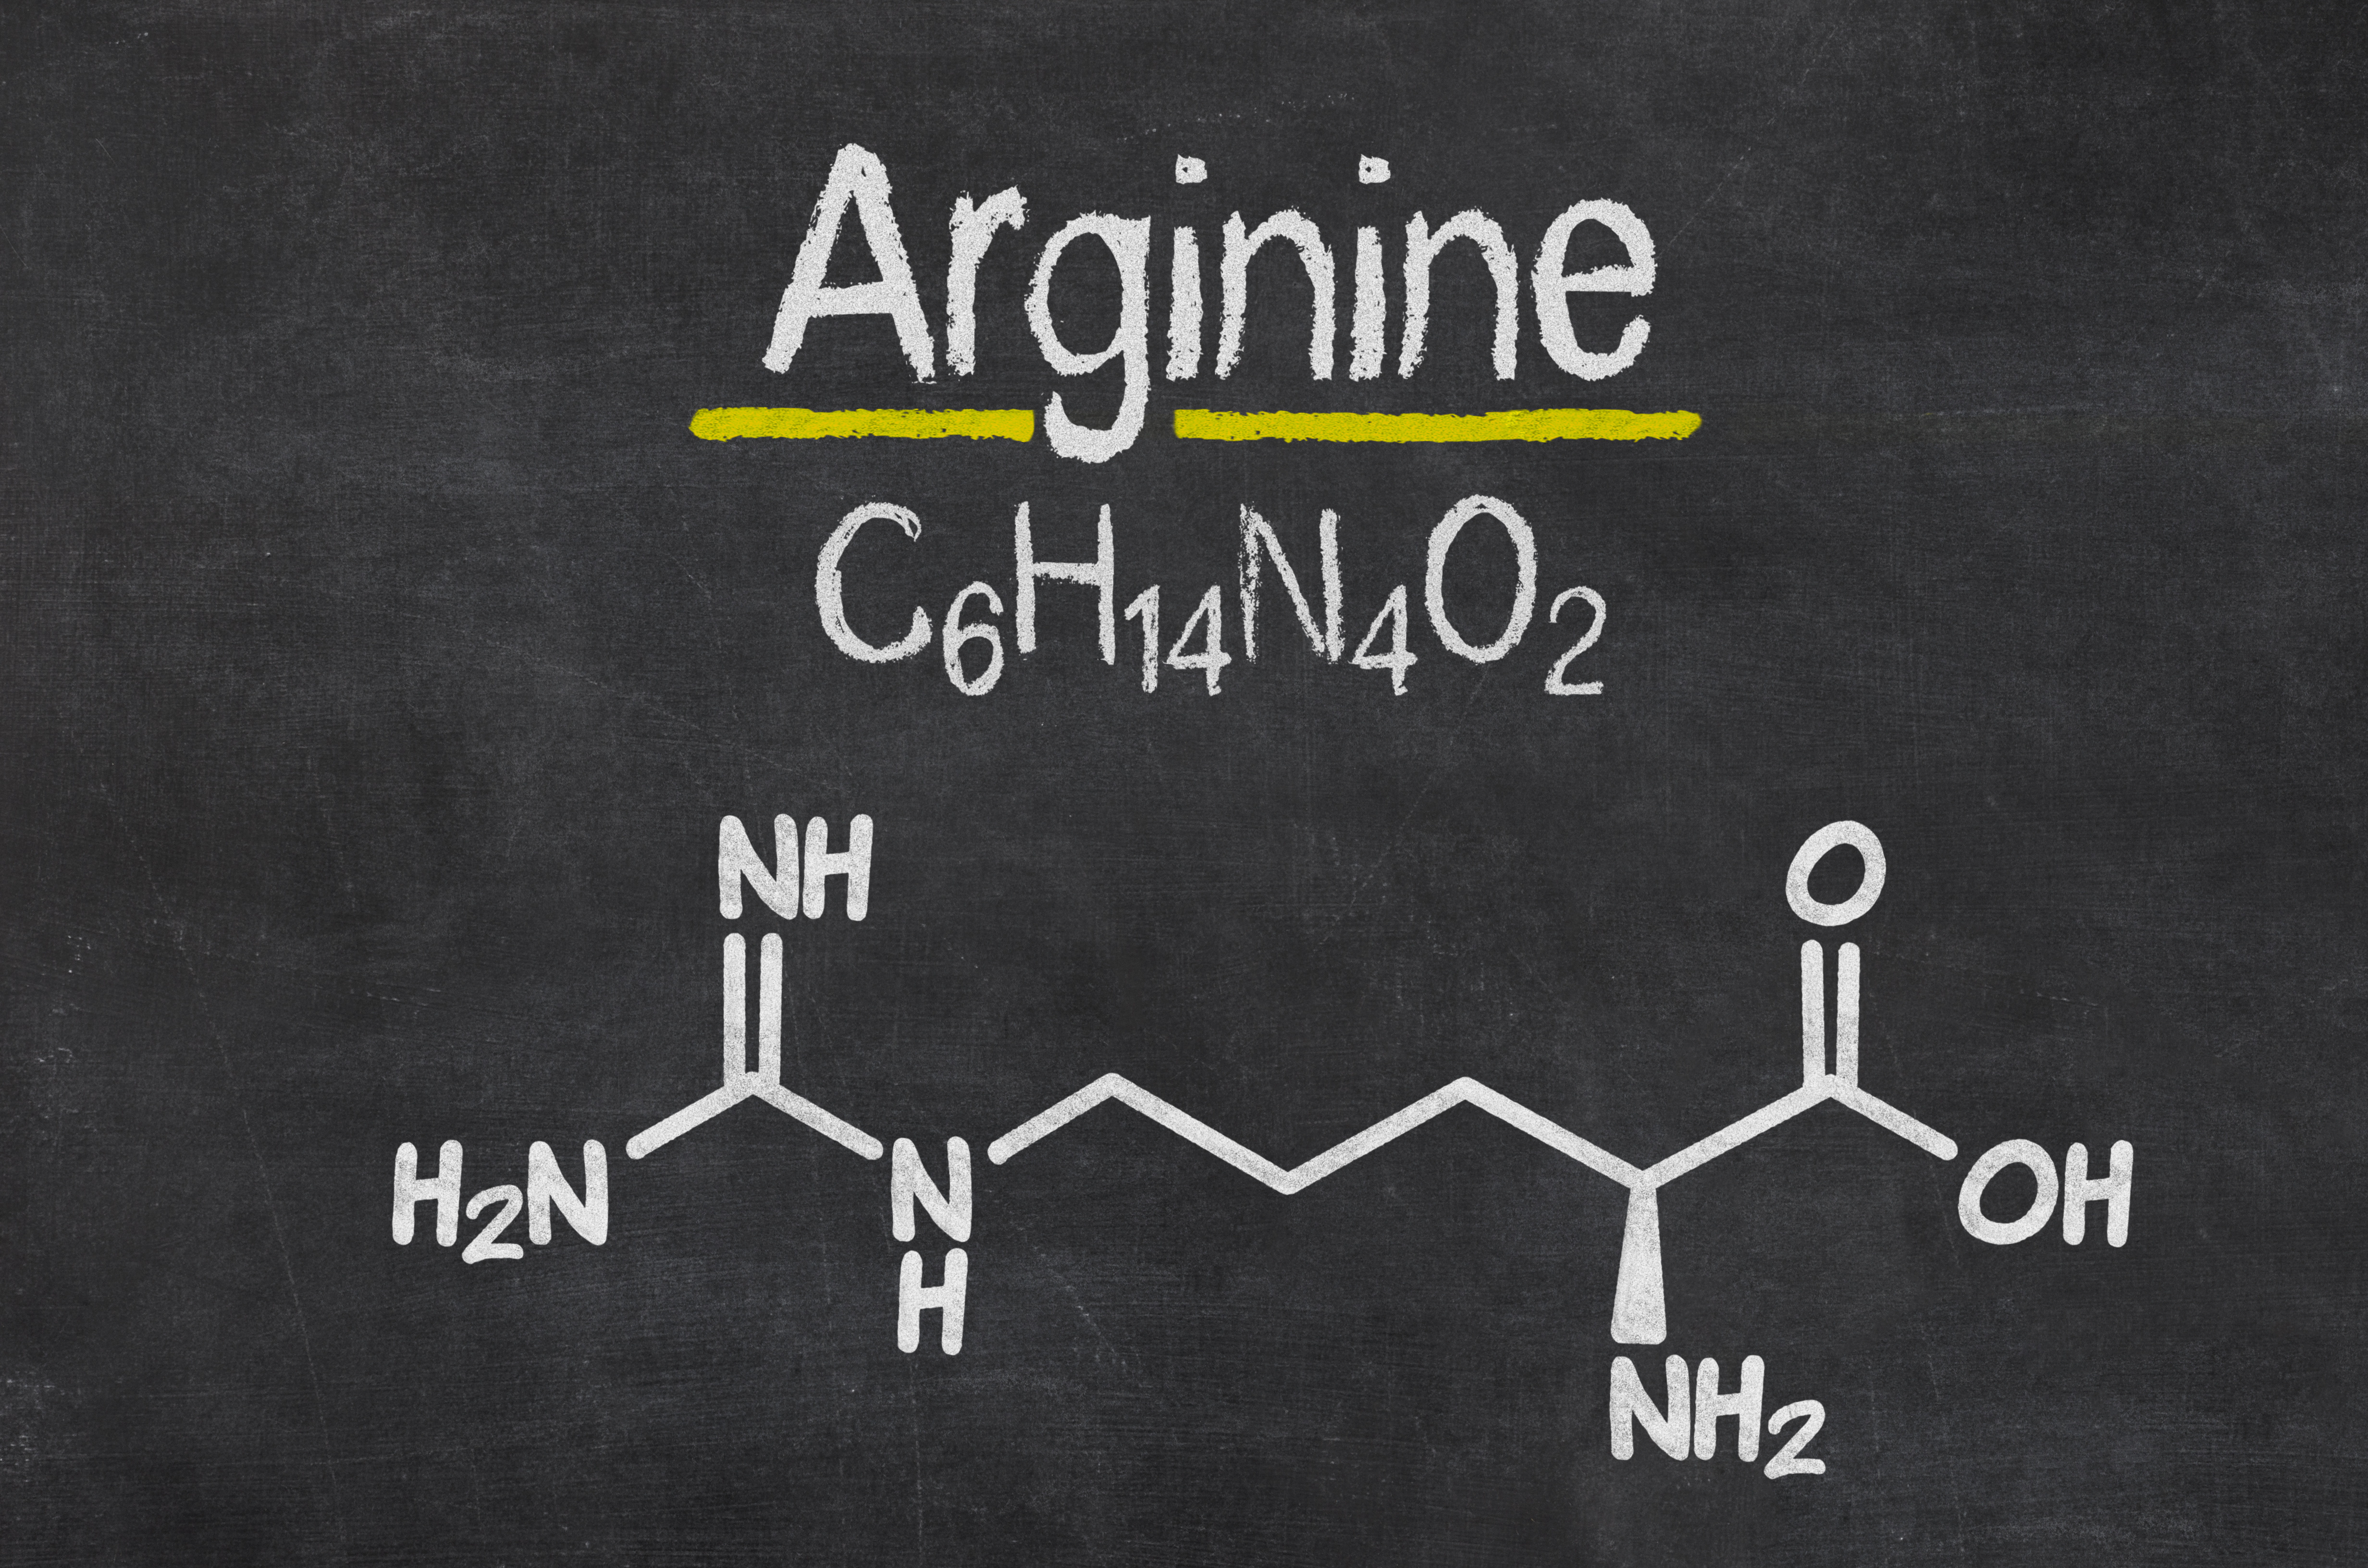 アルギニン元素記号